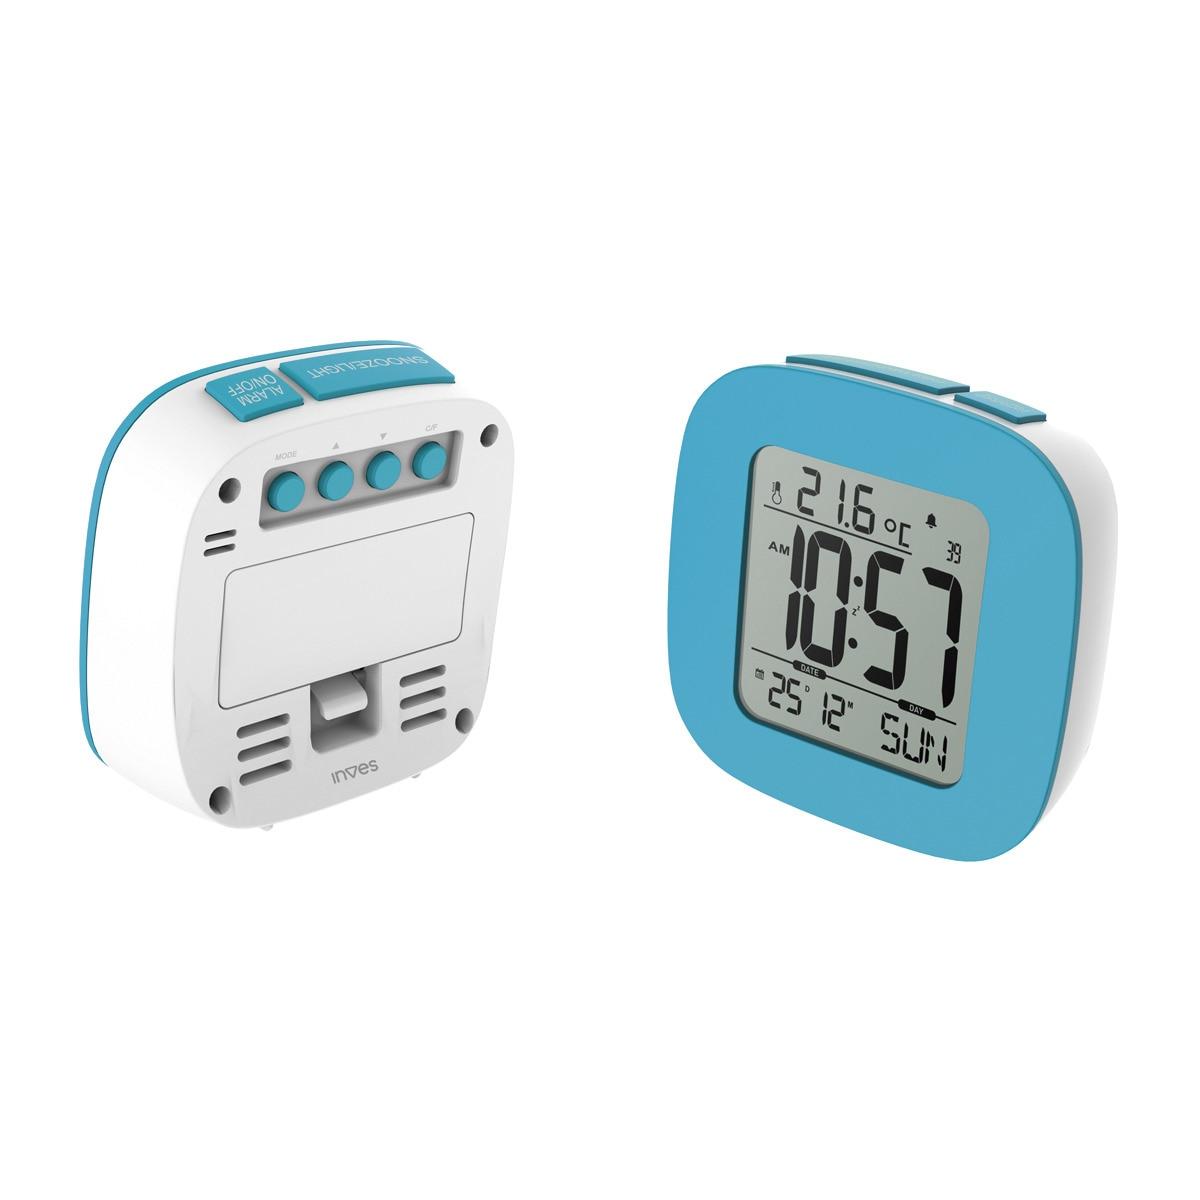 Reloj despertador multifuncional Inves E126S